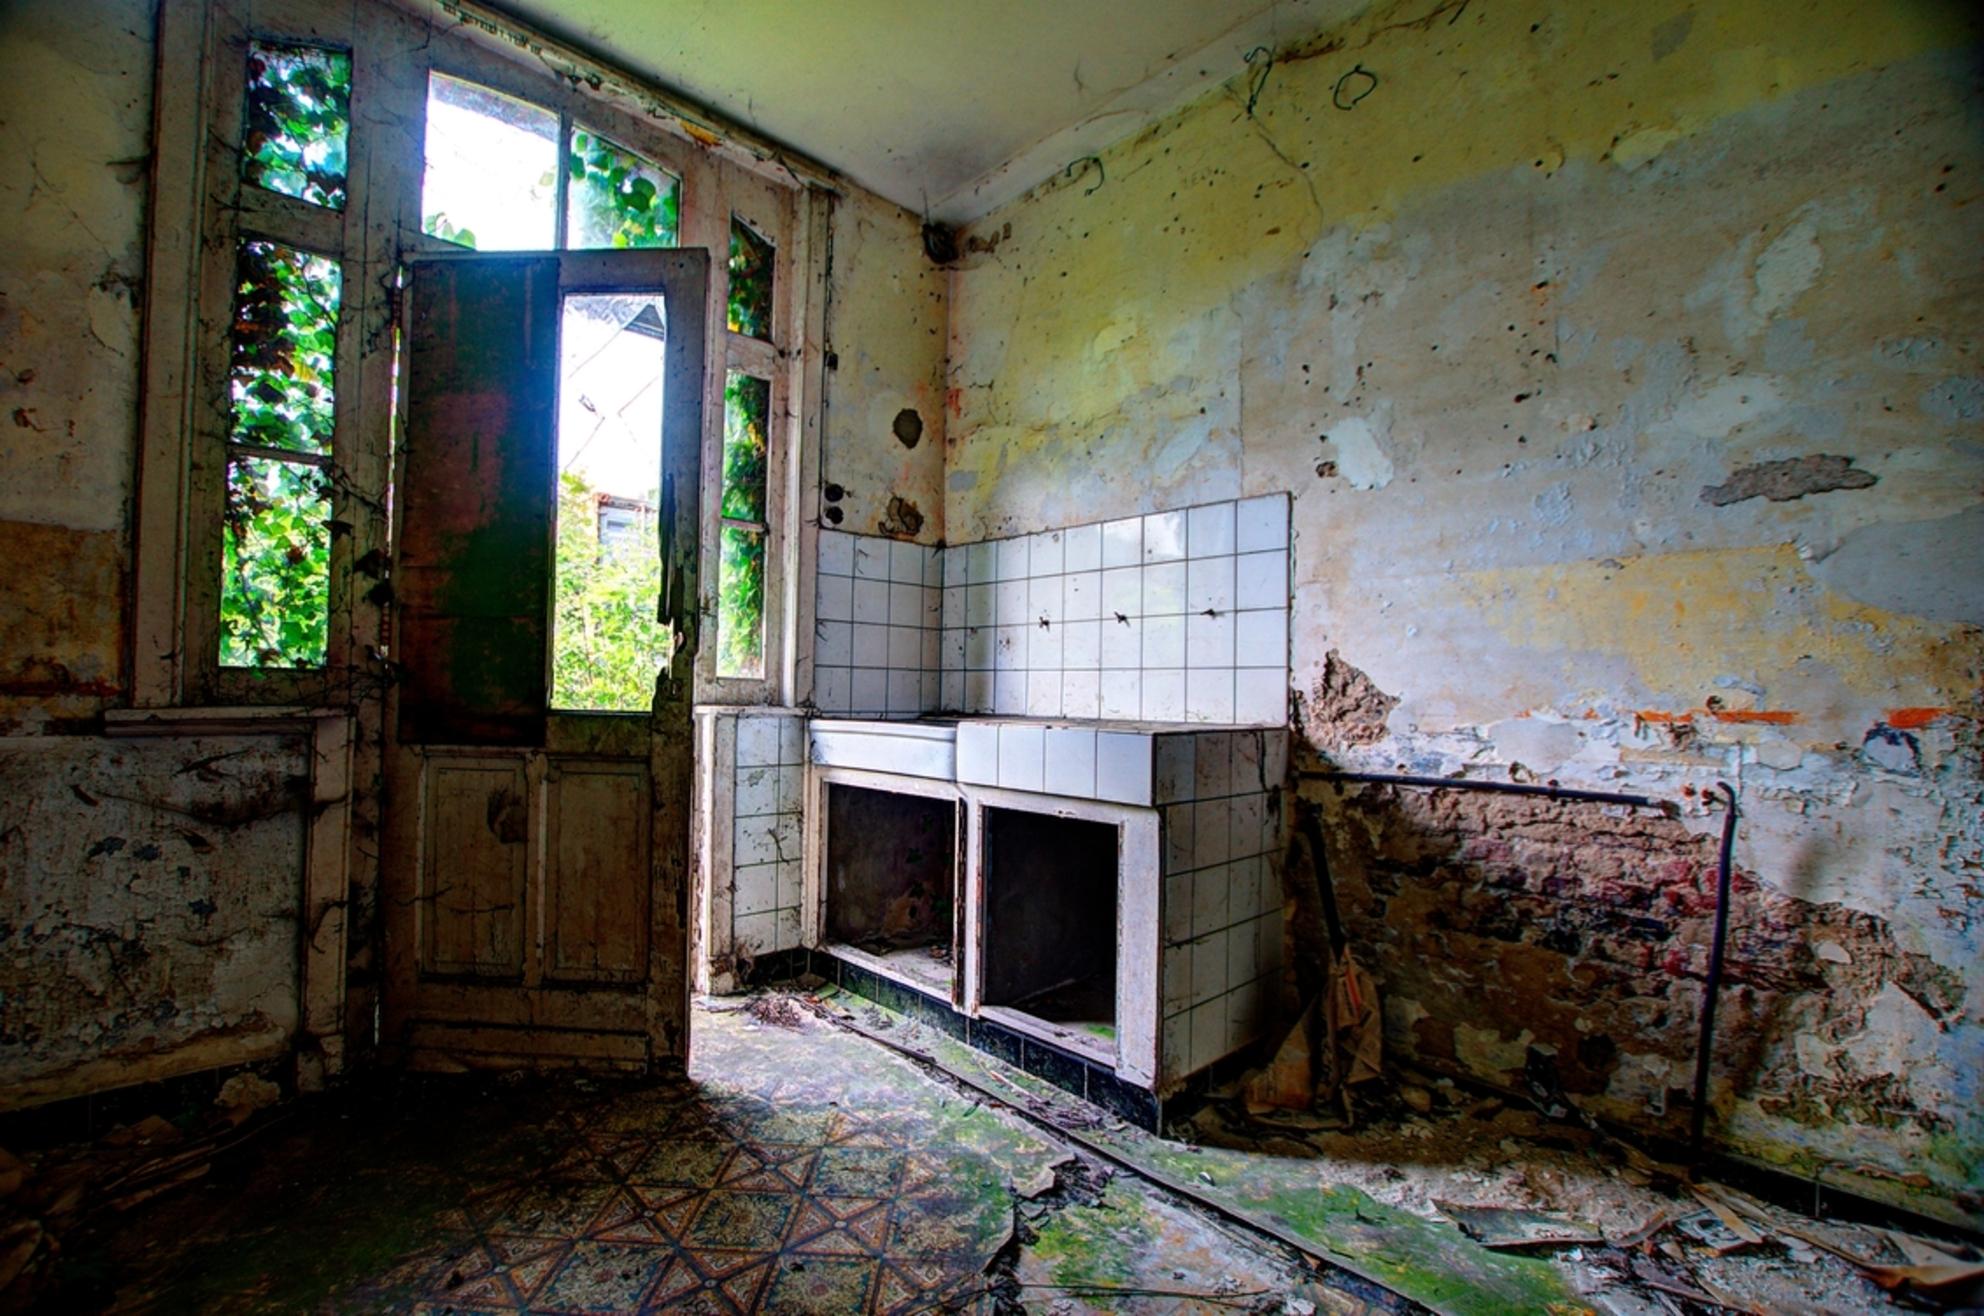 Vrijgegeven - Vergane glorie van een gevangeniswoning. - foto door joheuvel92 op 28-05-2016 - deze foto bevat: oud, licht, schaduw, stilleven, raam, keuken, urban, deur, verlaten, hdr, urbex, urban exploring